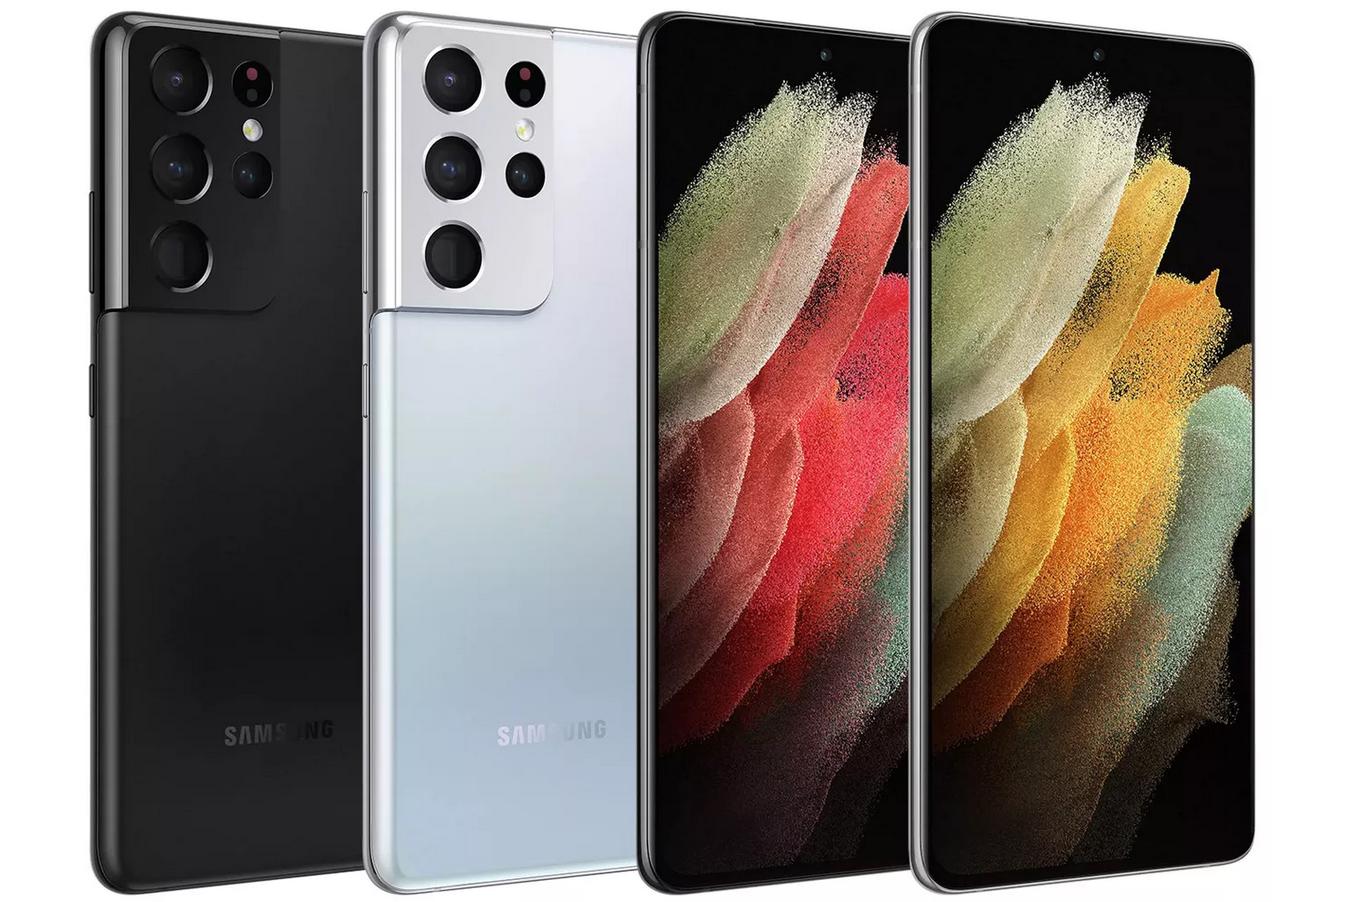 Samsung Galaxy S21 cena